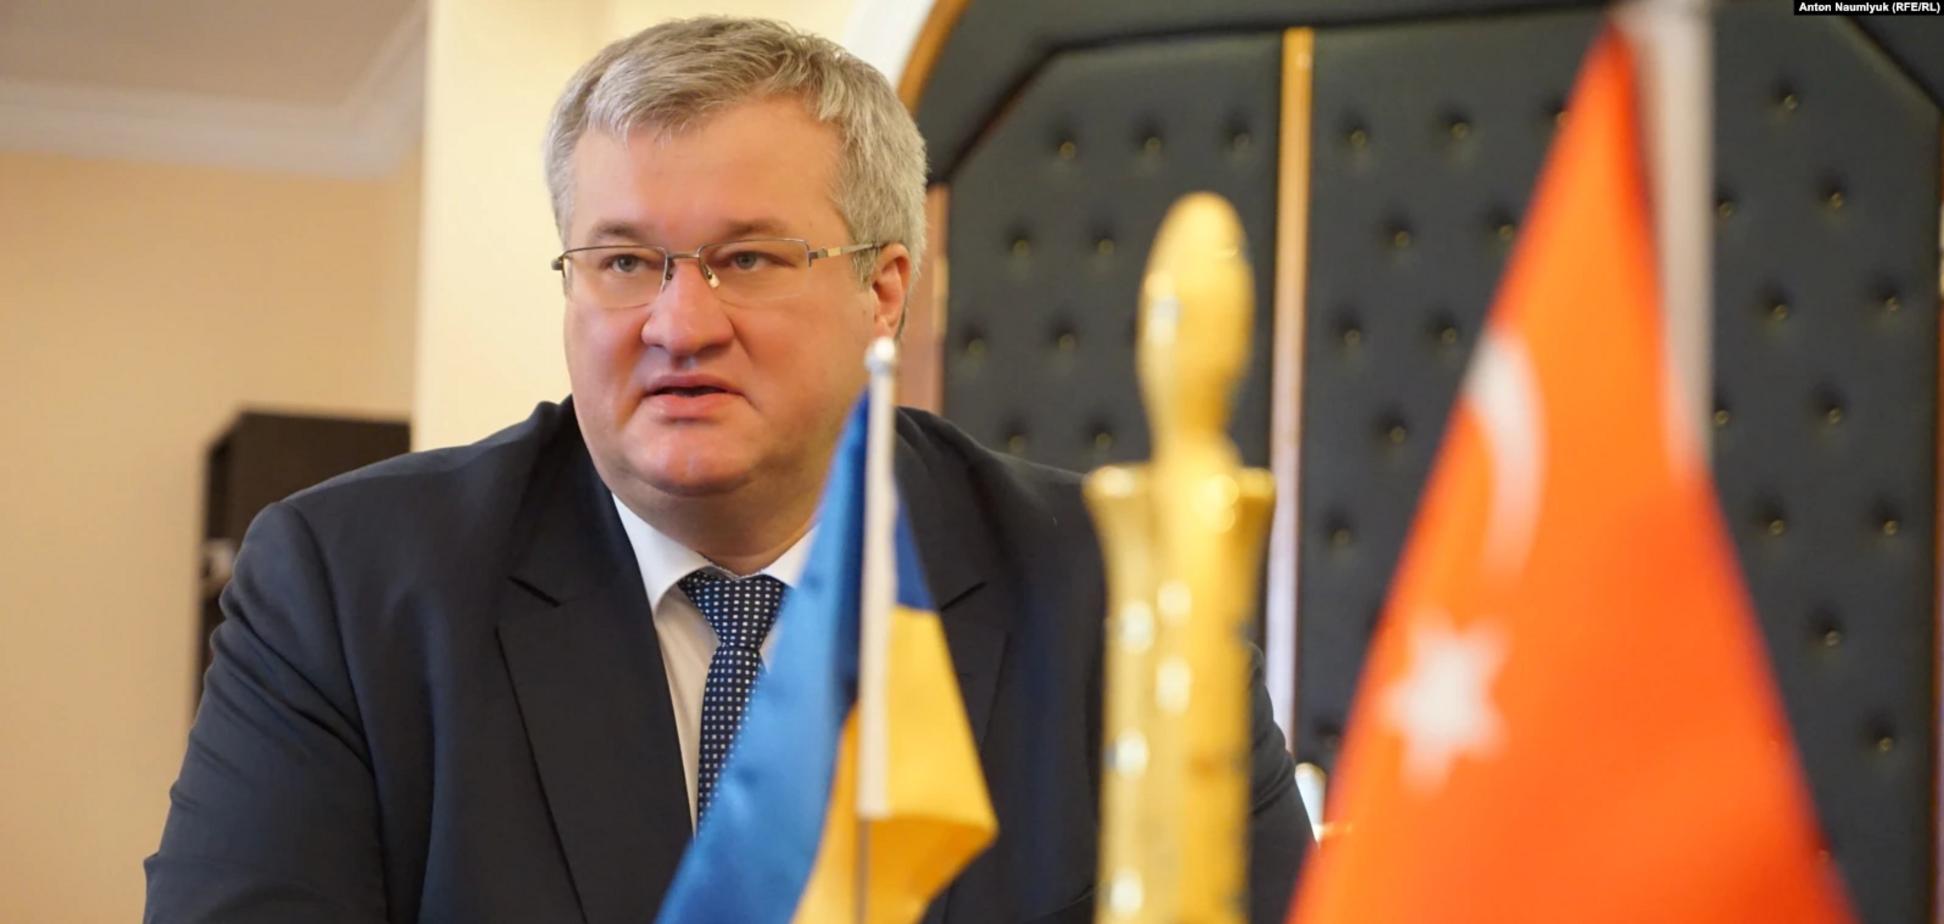 Сибіга зосередиться на питаннях зовнішньої політики